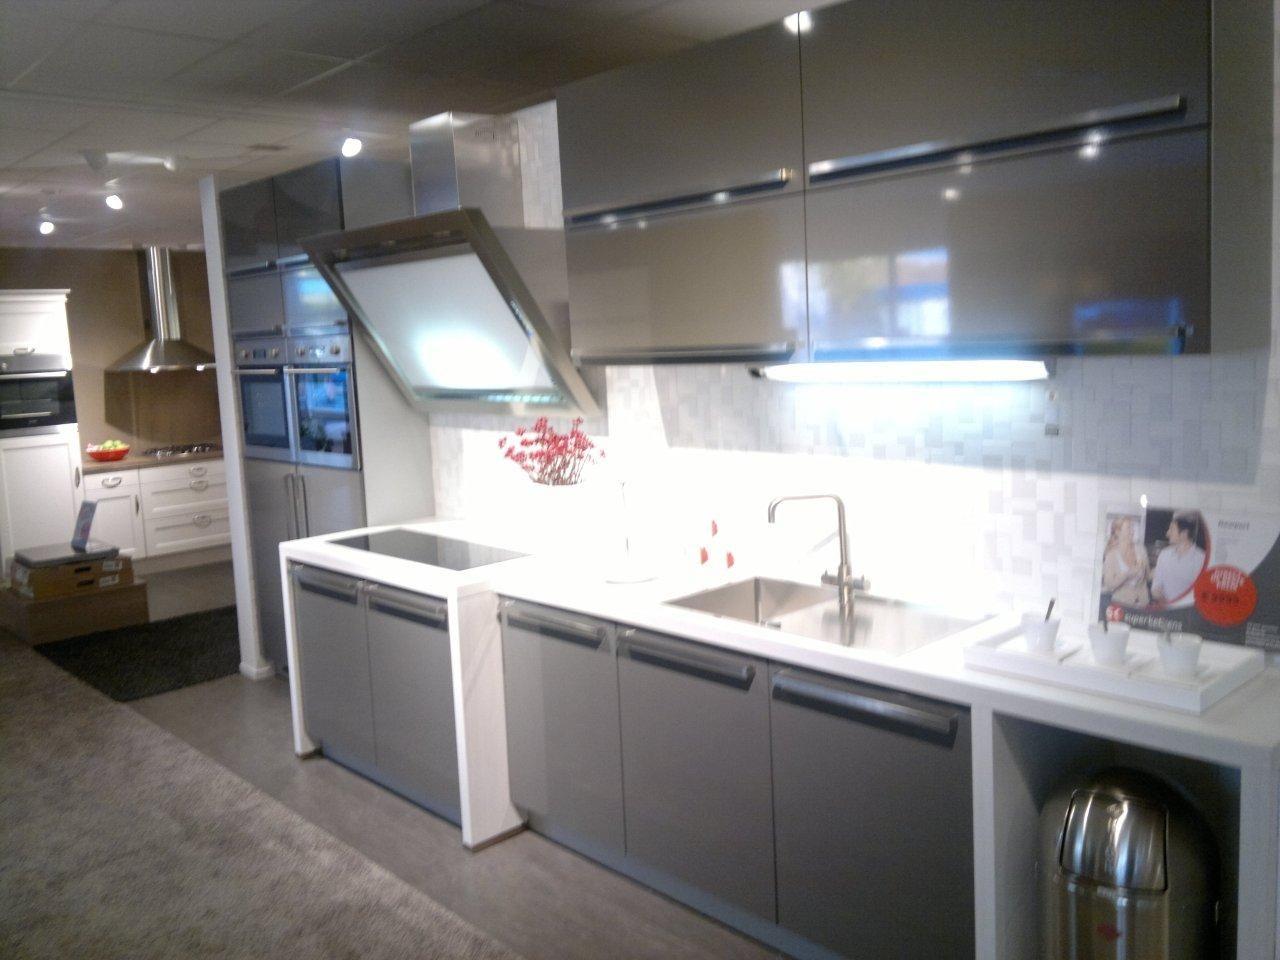 De voordeligste woonwinkel van nederland moderne design keuken 45023 - Moderne keuken kleur ...